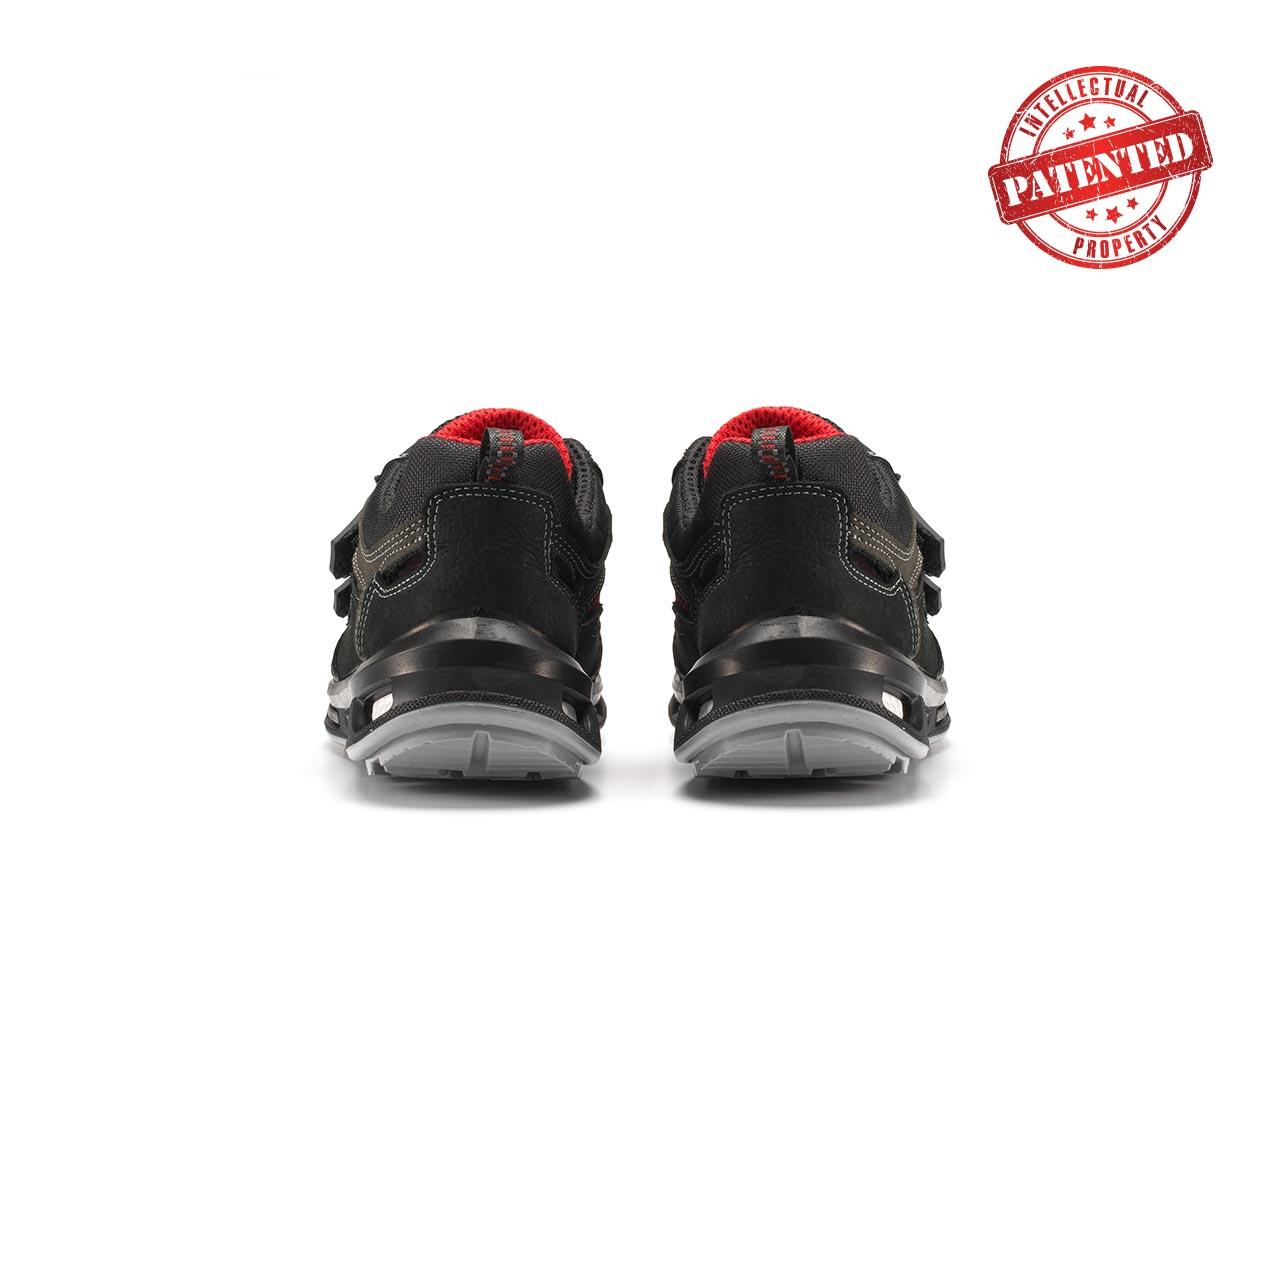 paio di scarpe antinfortunistiche upower modello cody linea redlion vista retro